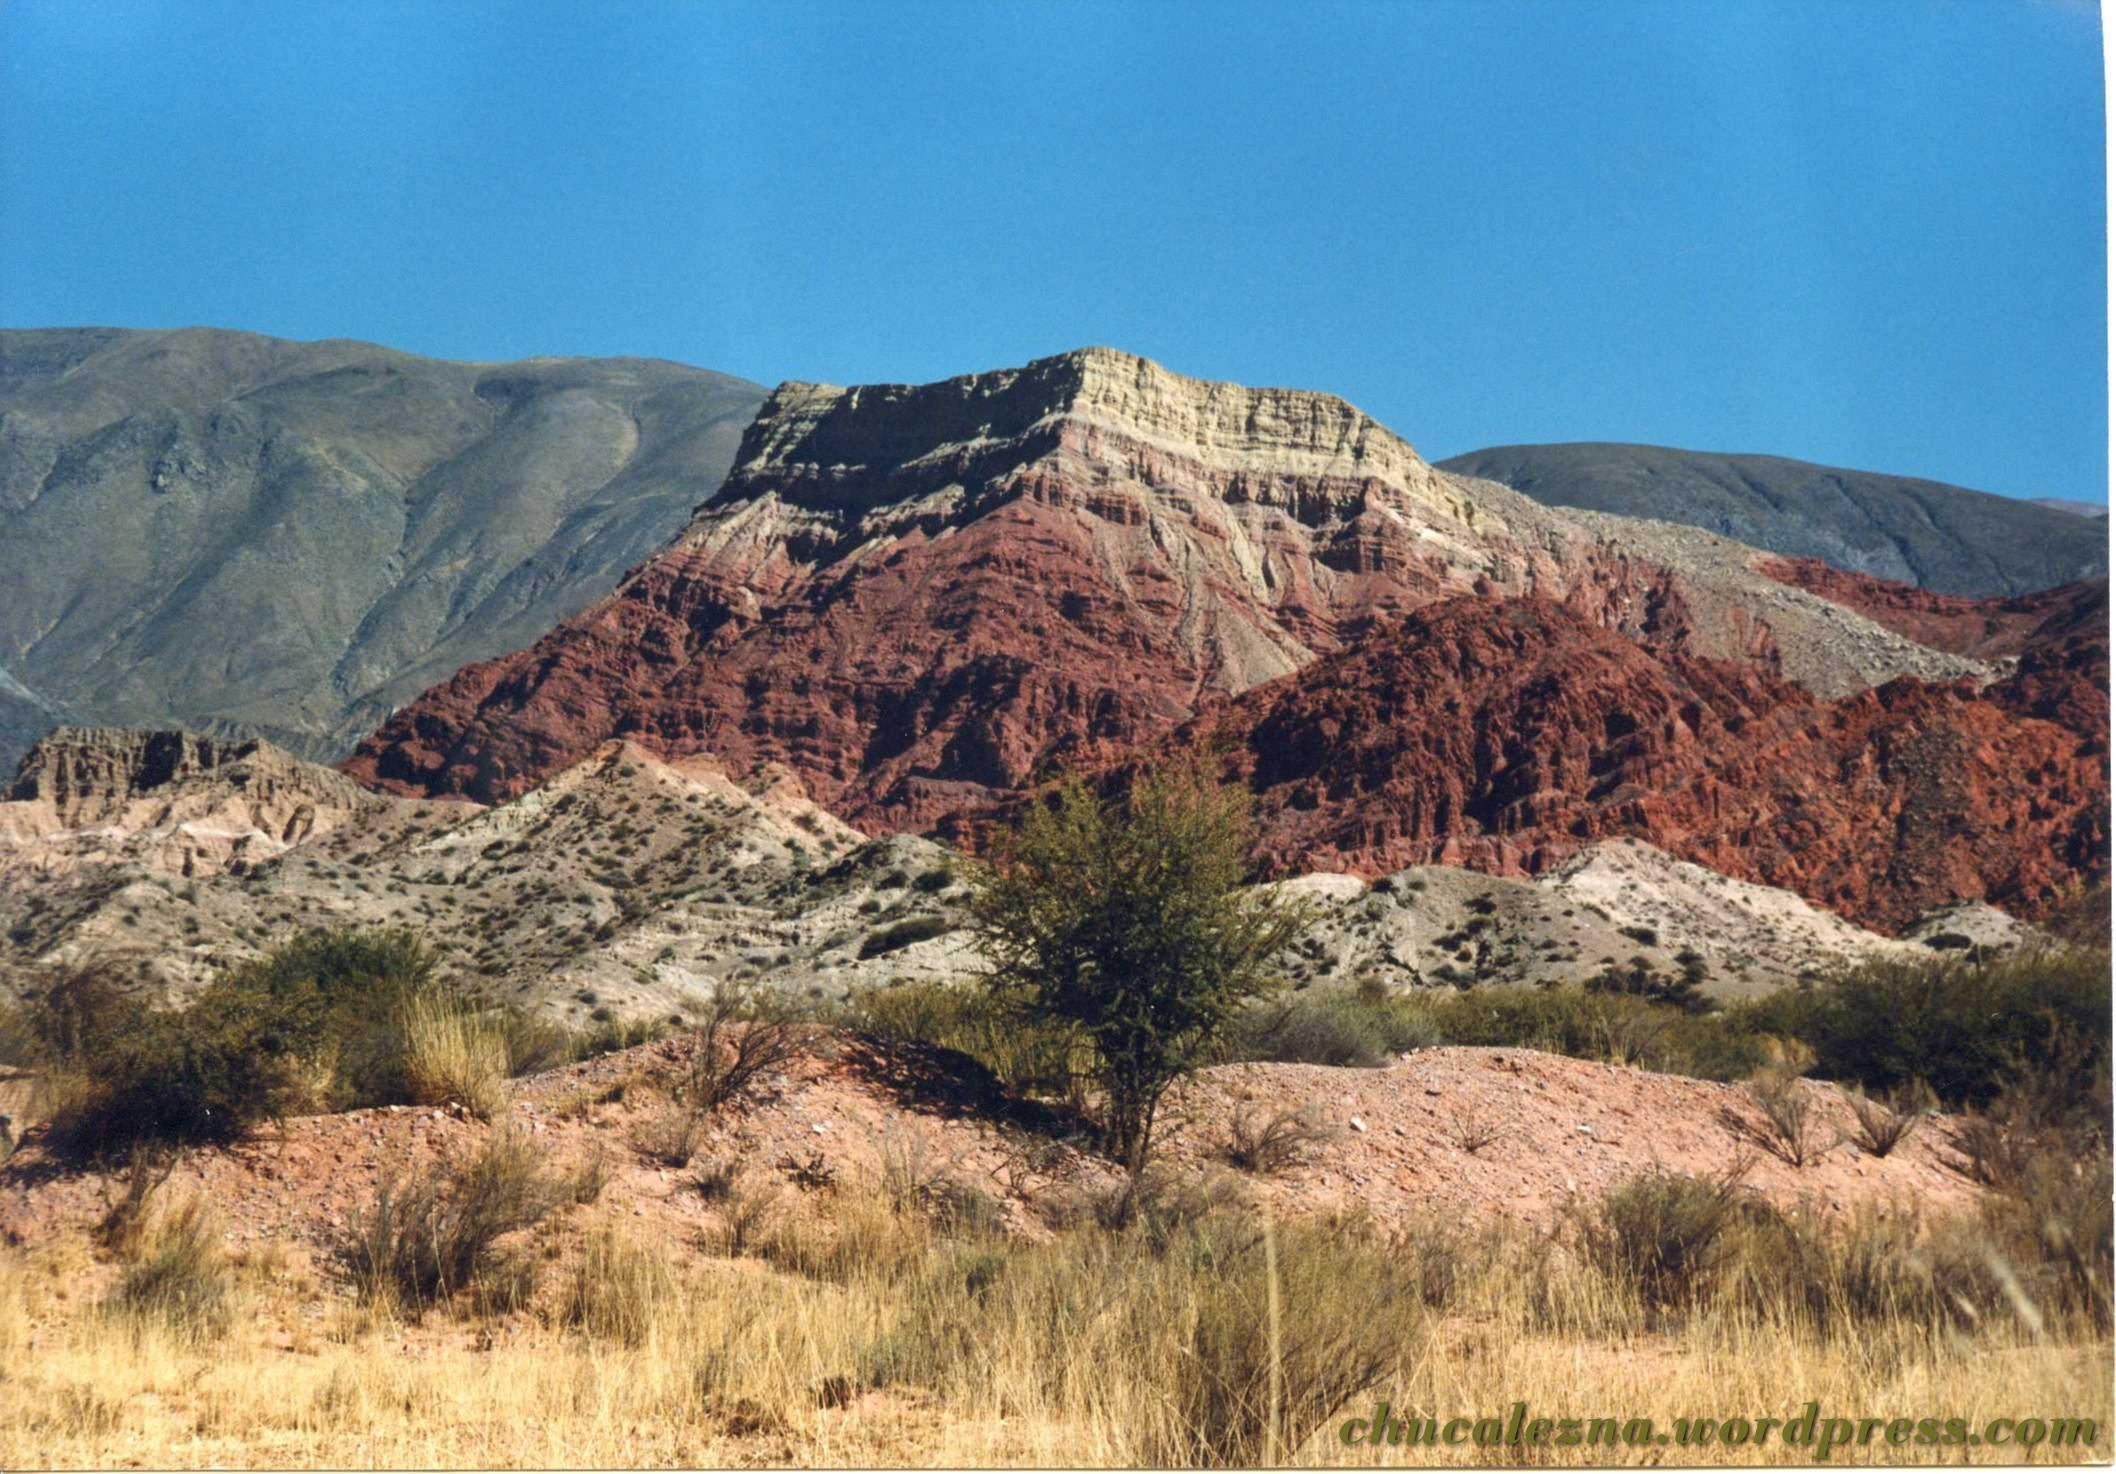 Formación Yacoraite - Wikipedia, la enciclopedia libre